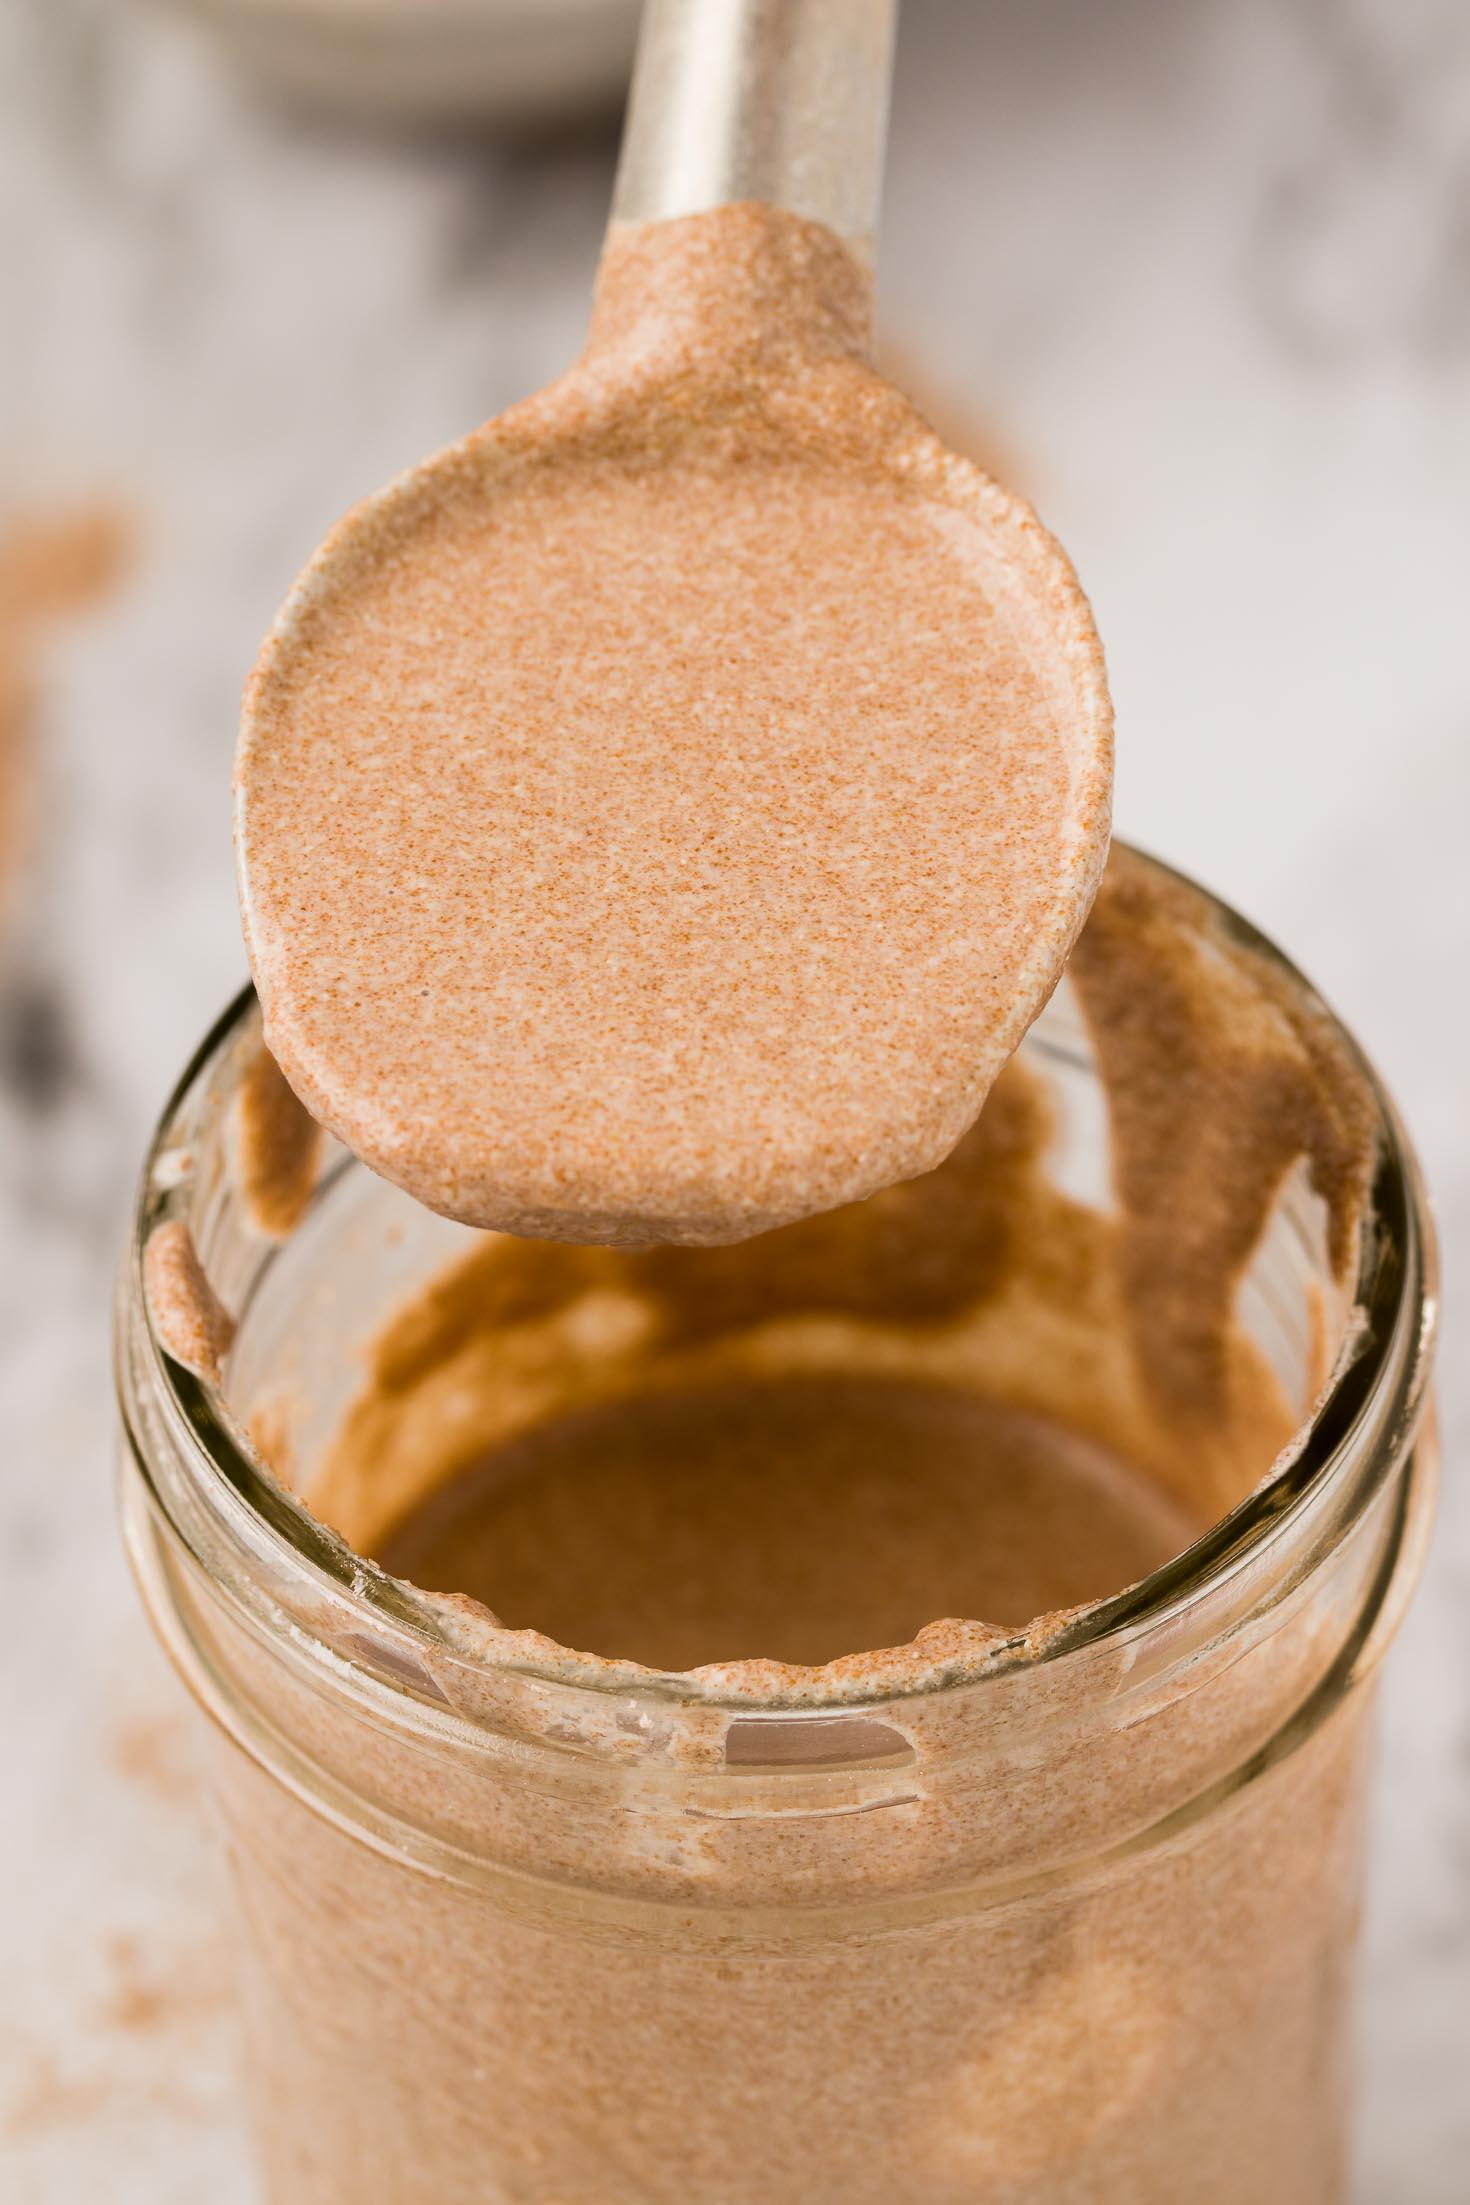 2-ingredient Gluten-free Sourdough Starter-starter in a spoon